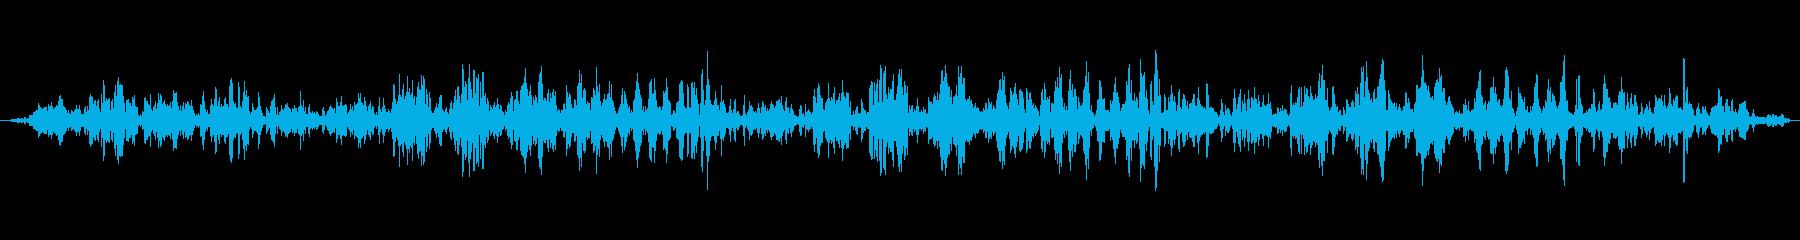 フィクション スペース 科学者ラボ01の再生済みの波形